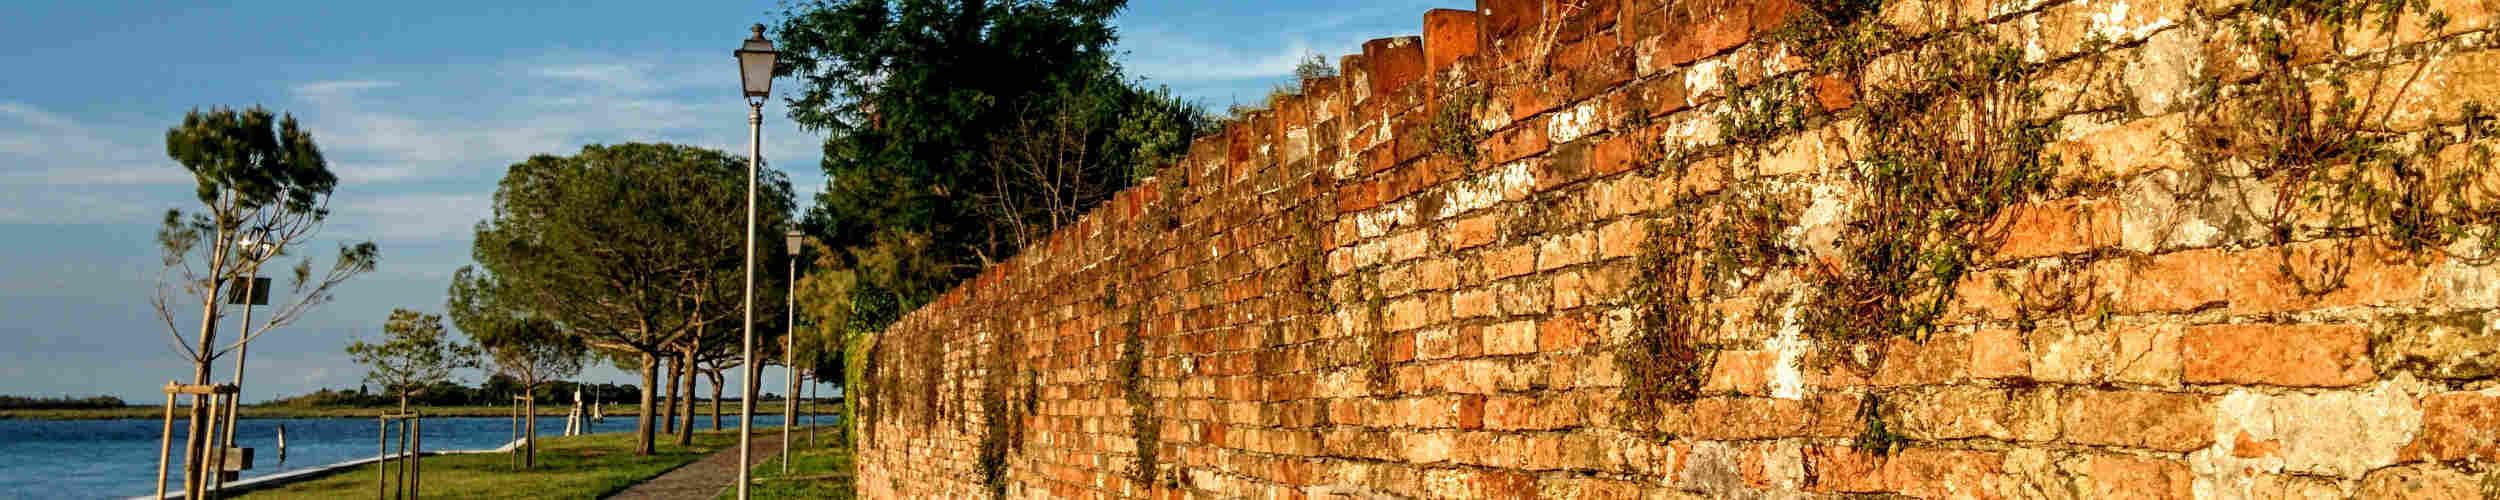 ancient wall of the tenuta venissa in mazzorbo